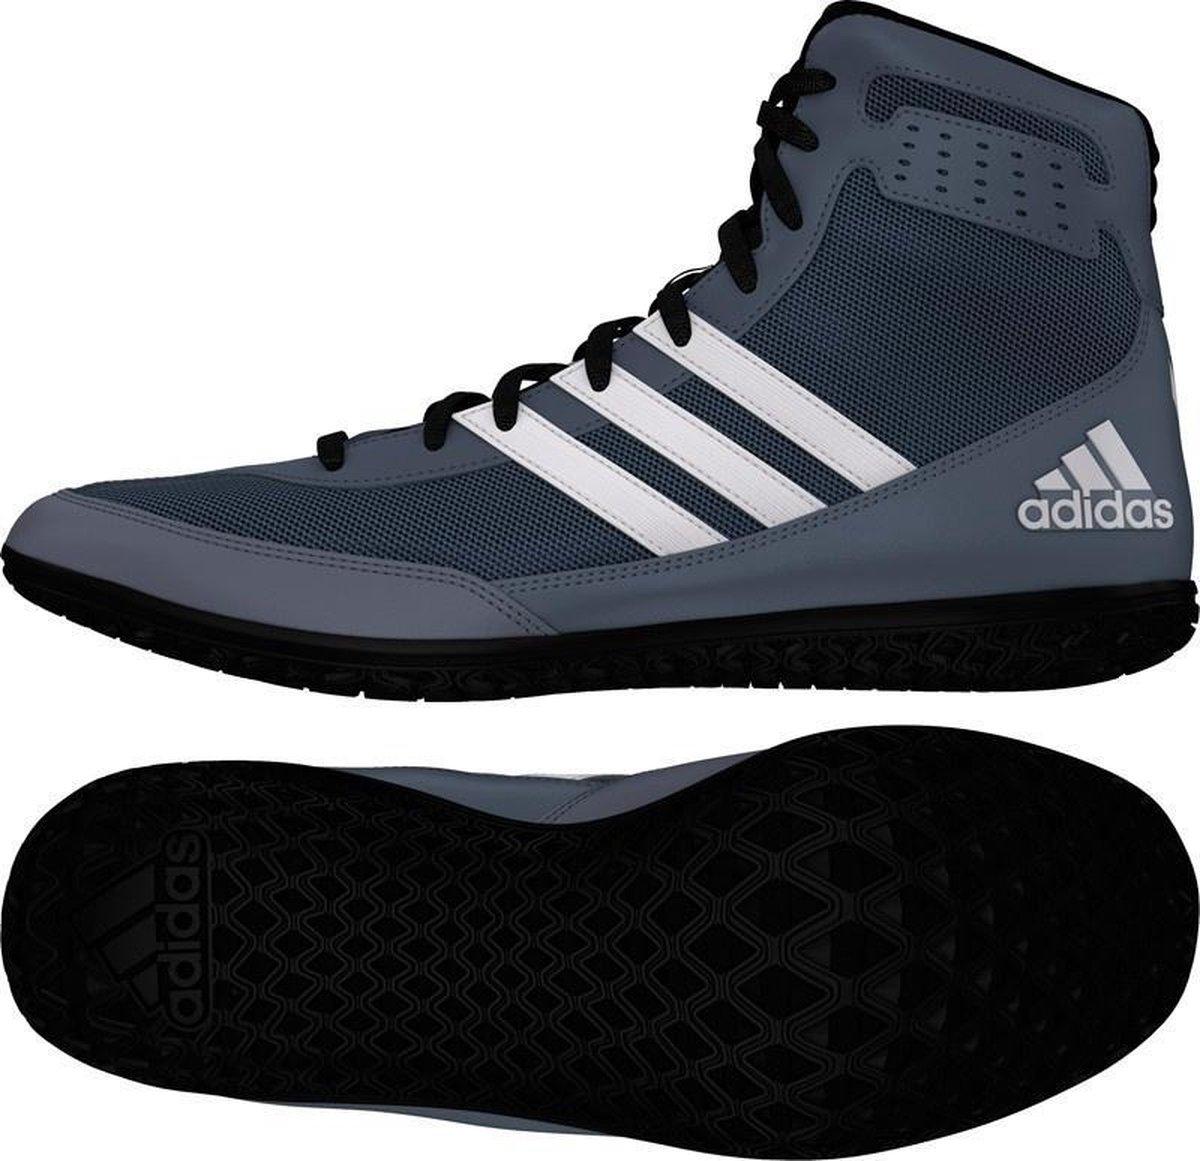 adidas Mat Wizard 3 Boksschoenen Worstelschoenen AQ5647 grijs maat: 42 EU